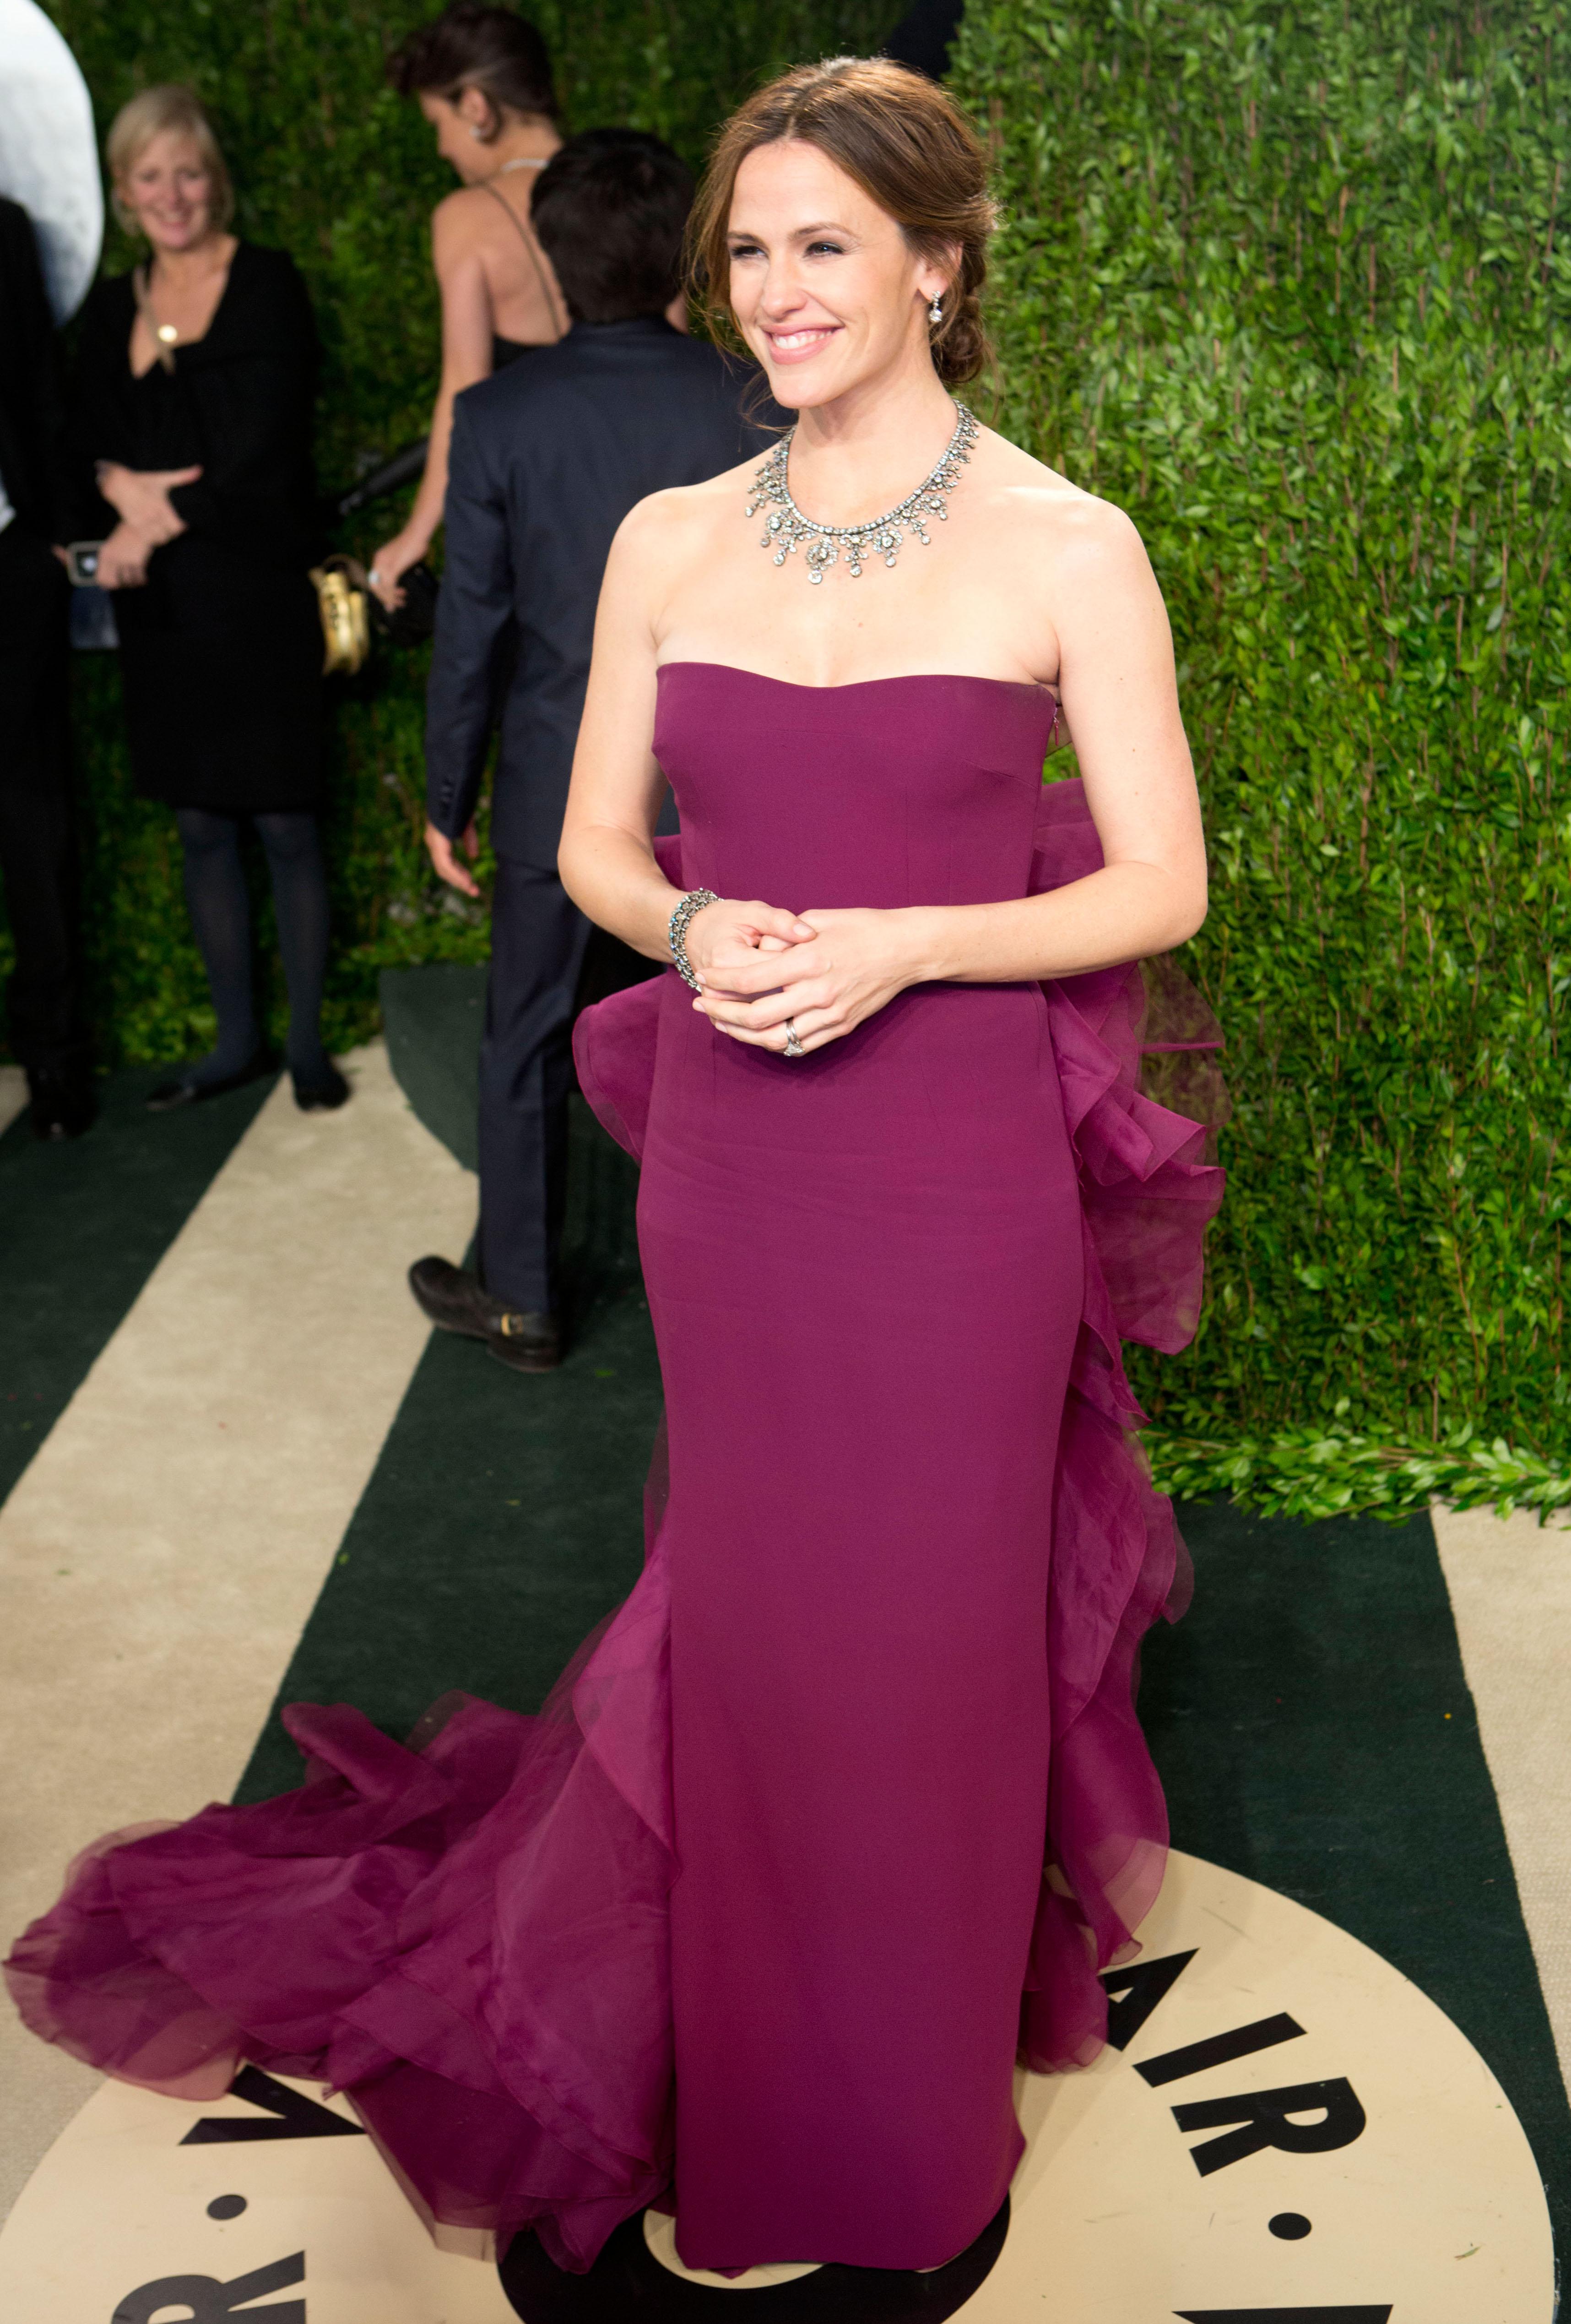 Jennifer Garner arrived at the Vanity Fair Oscar party.